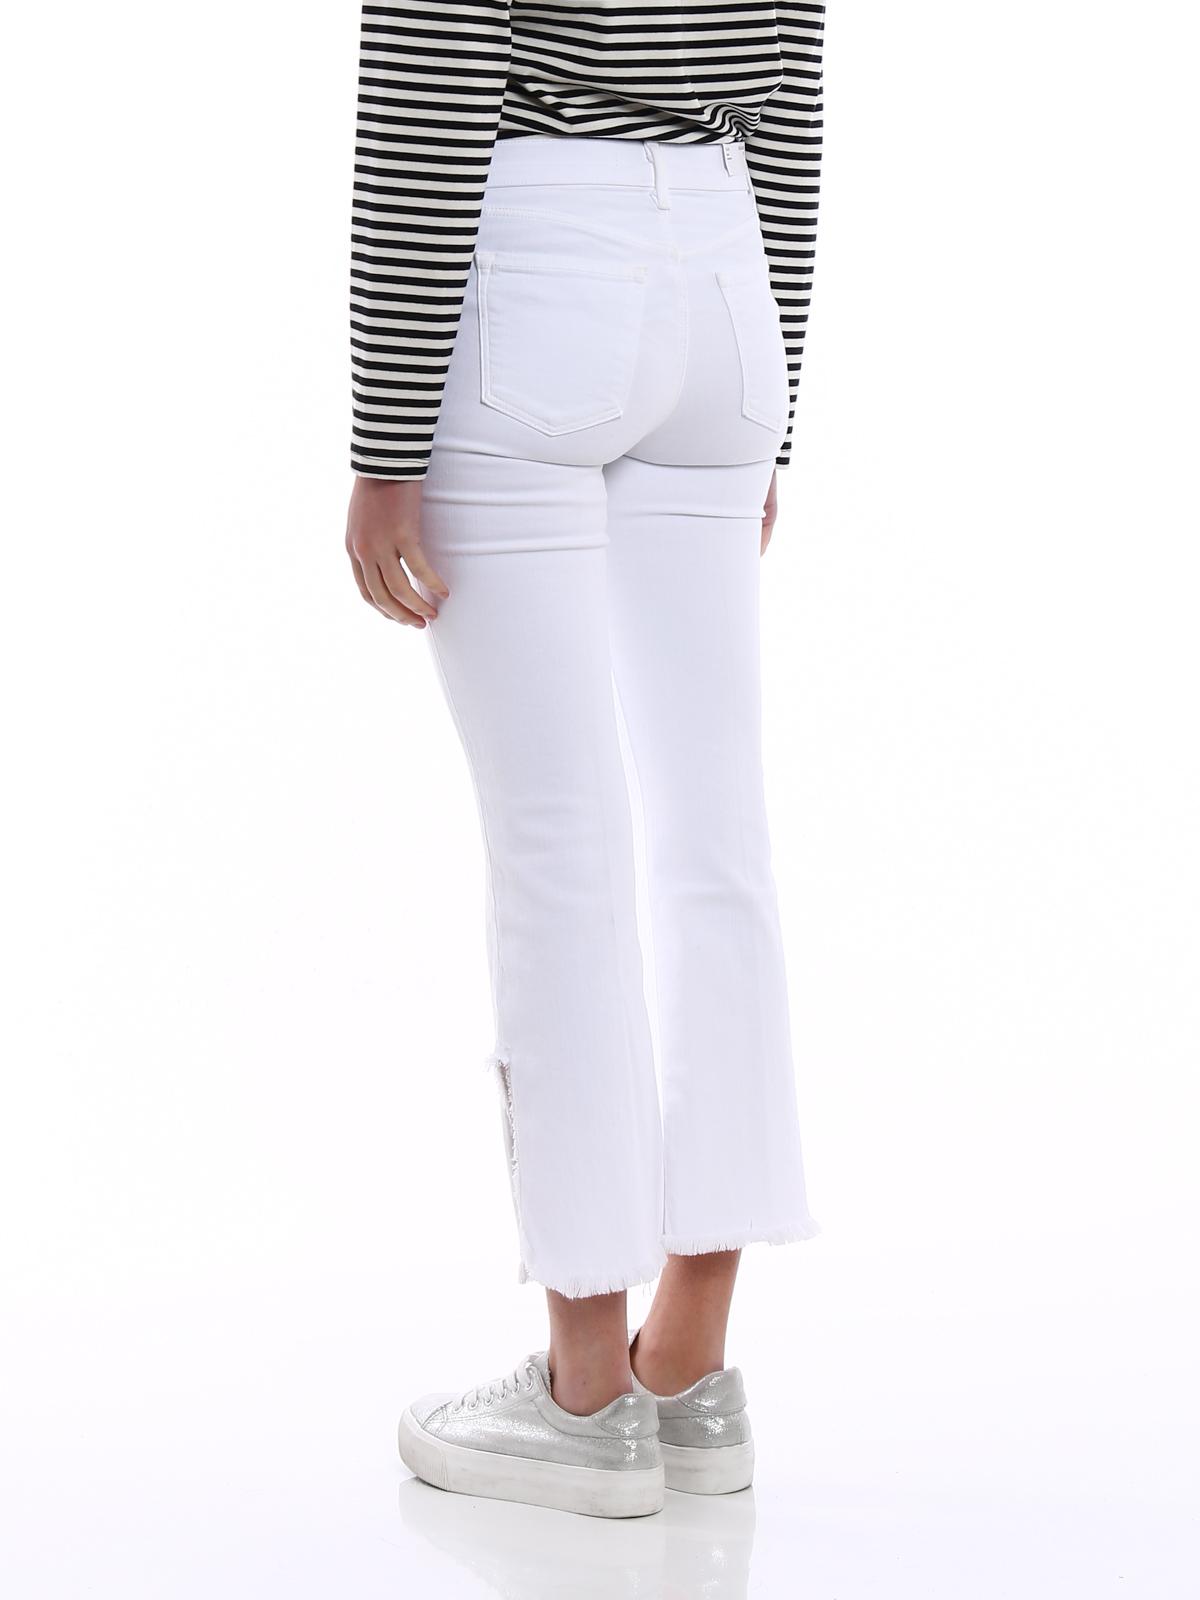 640ccb7704e21 J Brand - Selena white cropped bootcut jeans - bootcut jeans ...